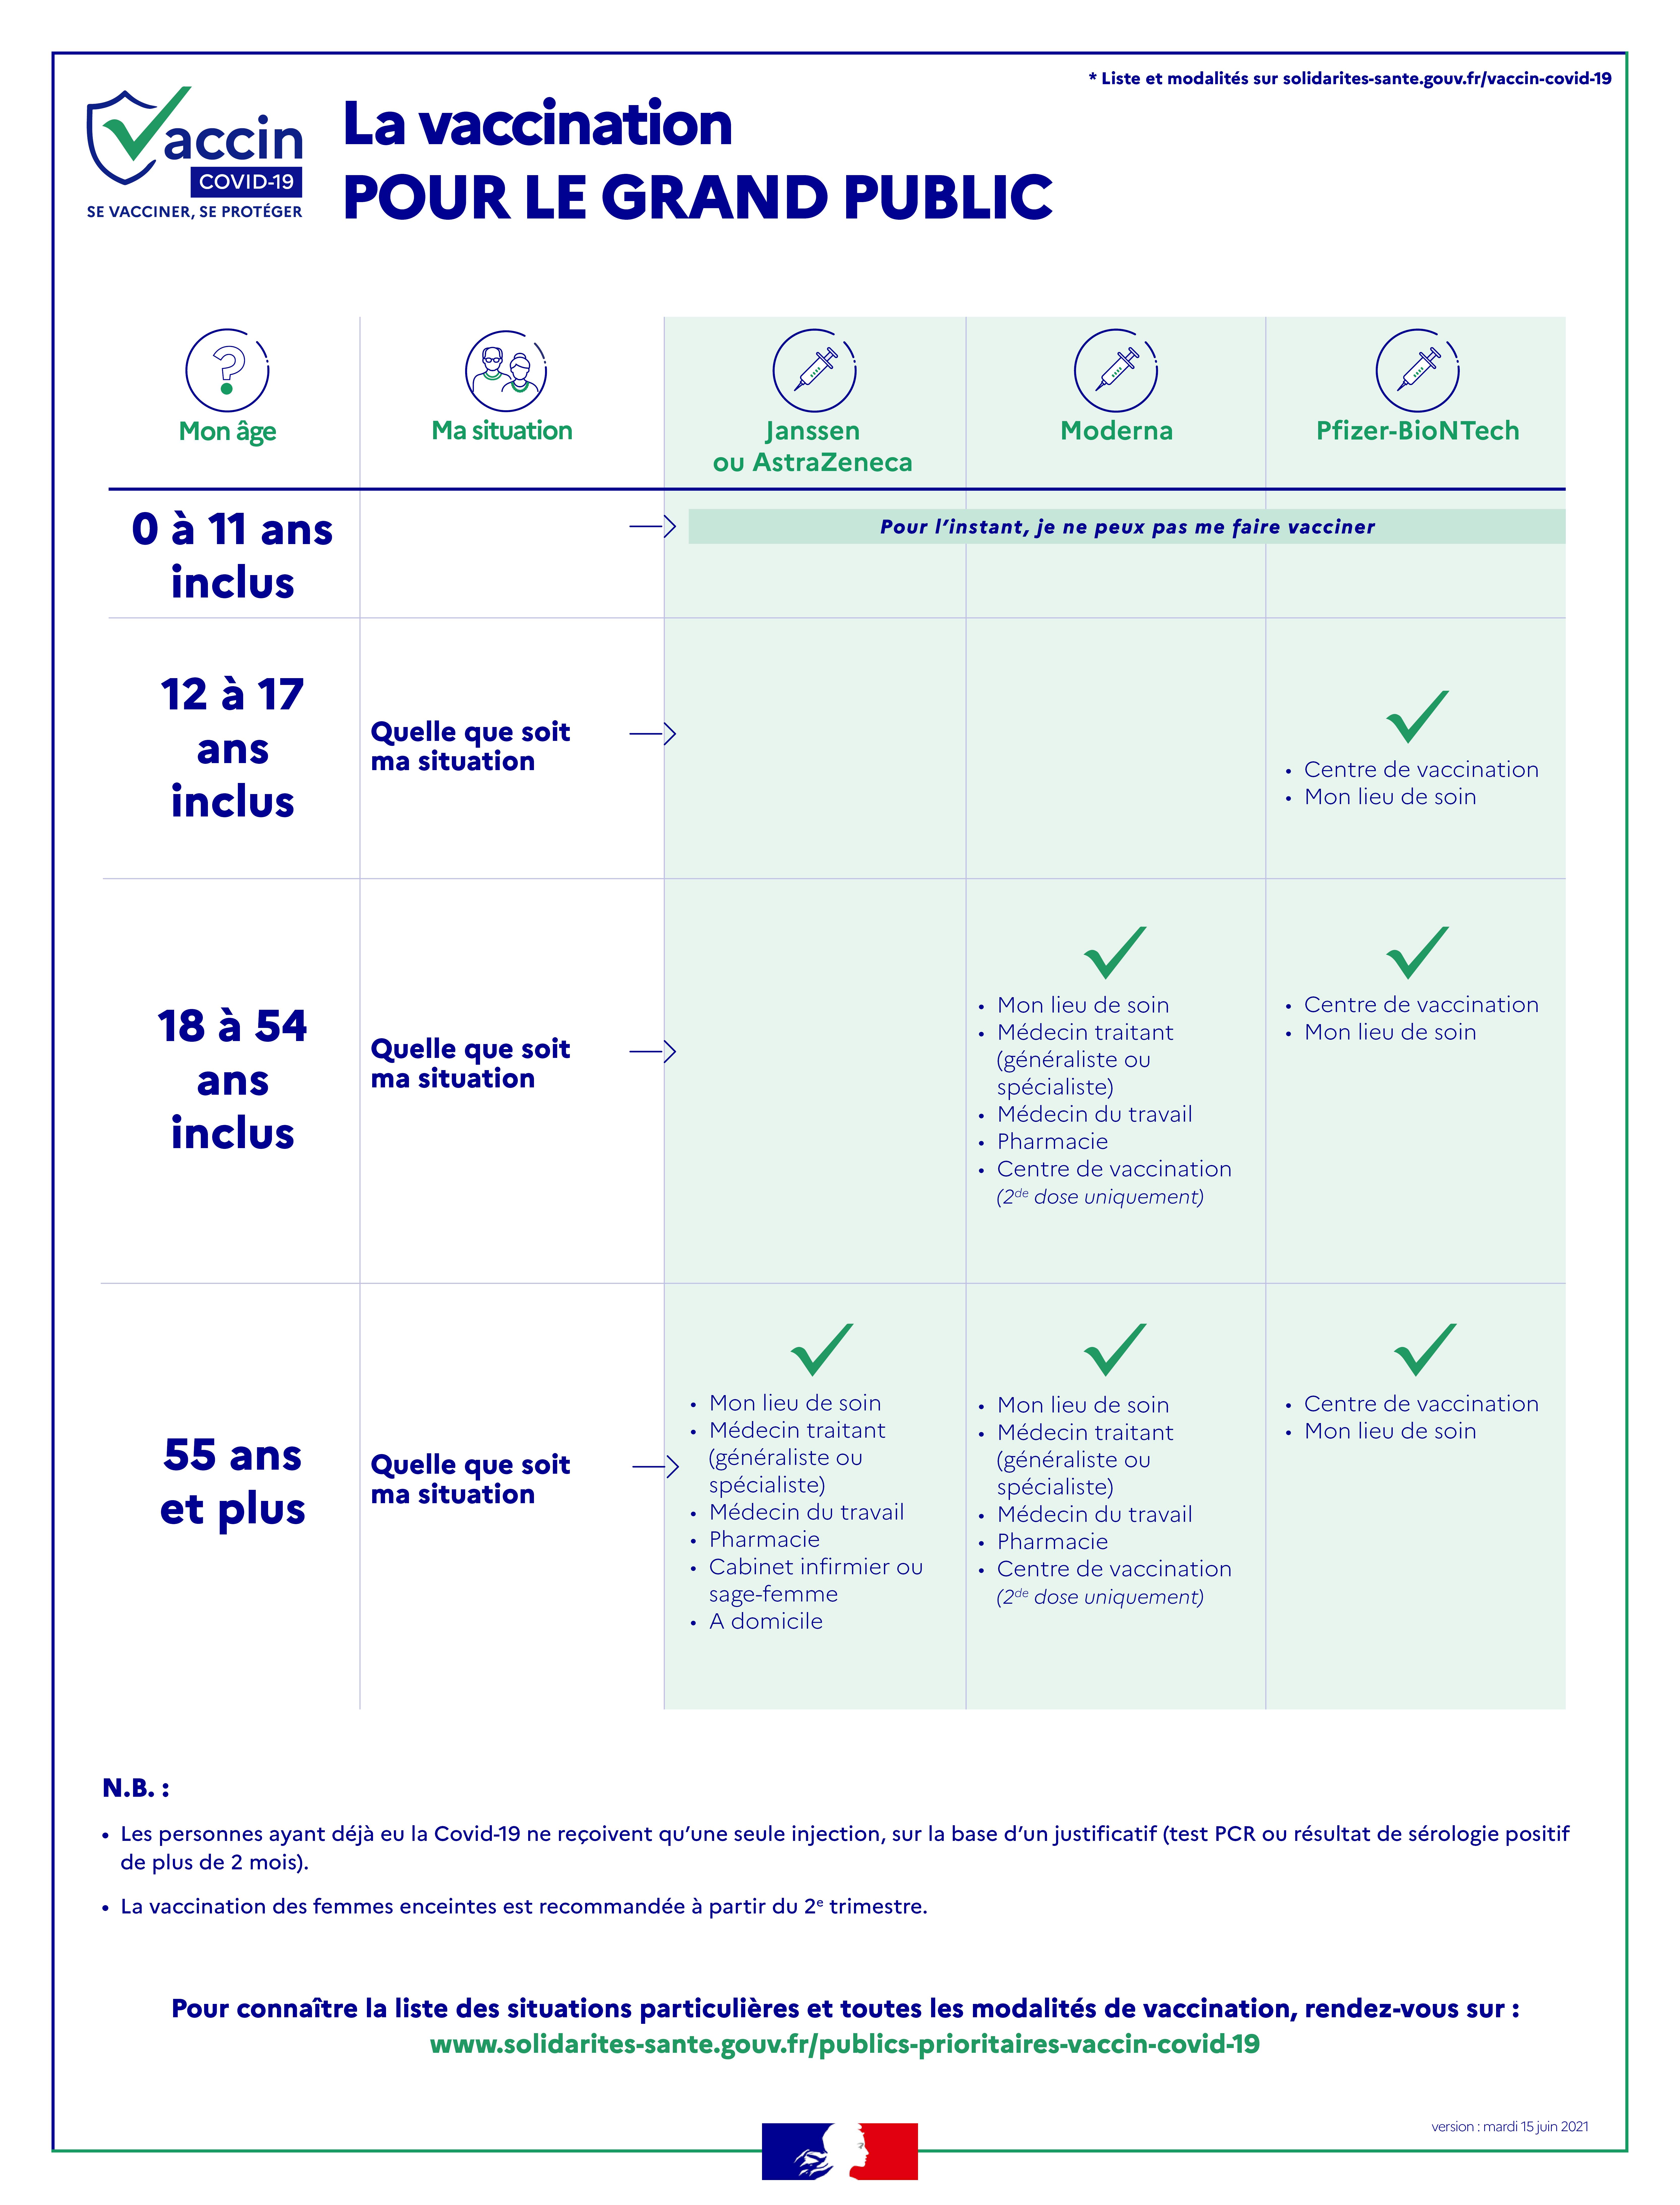 Infog publics x vaccins v15-06_6.png